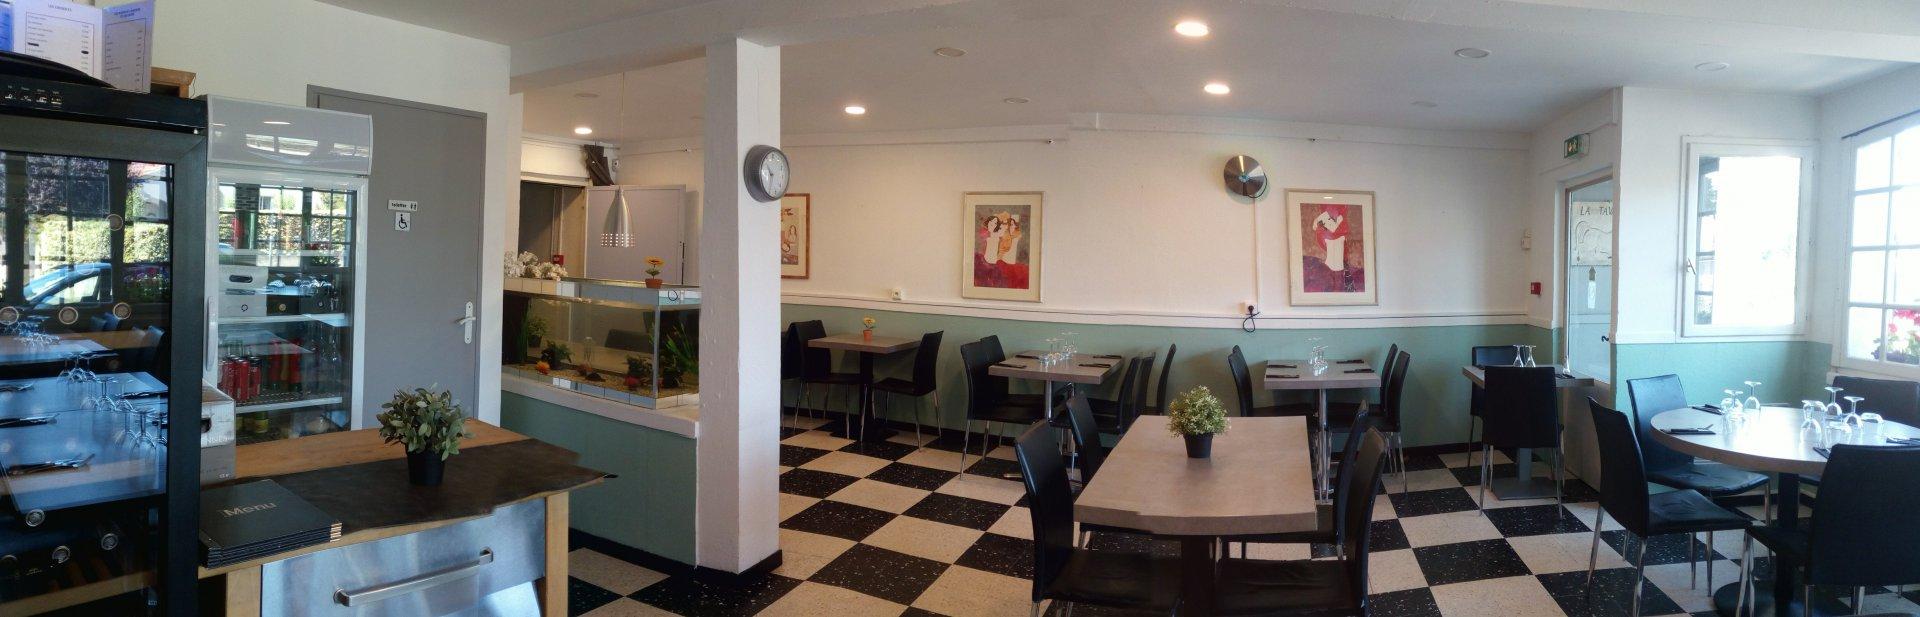 Restaurant/Pizzeria